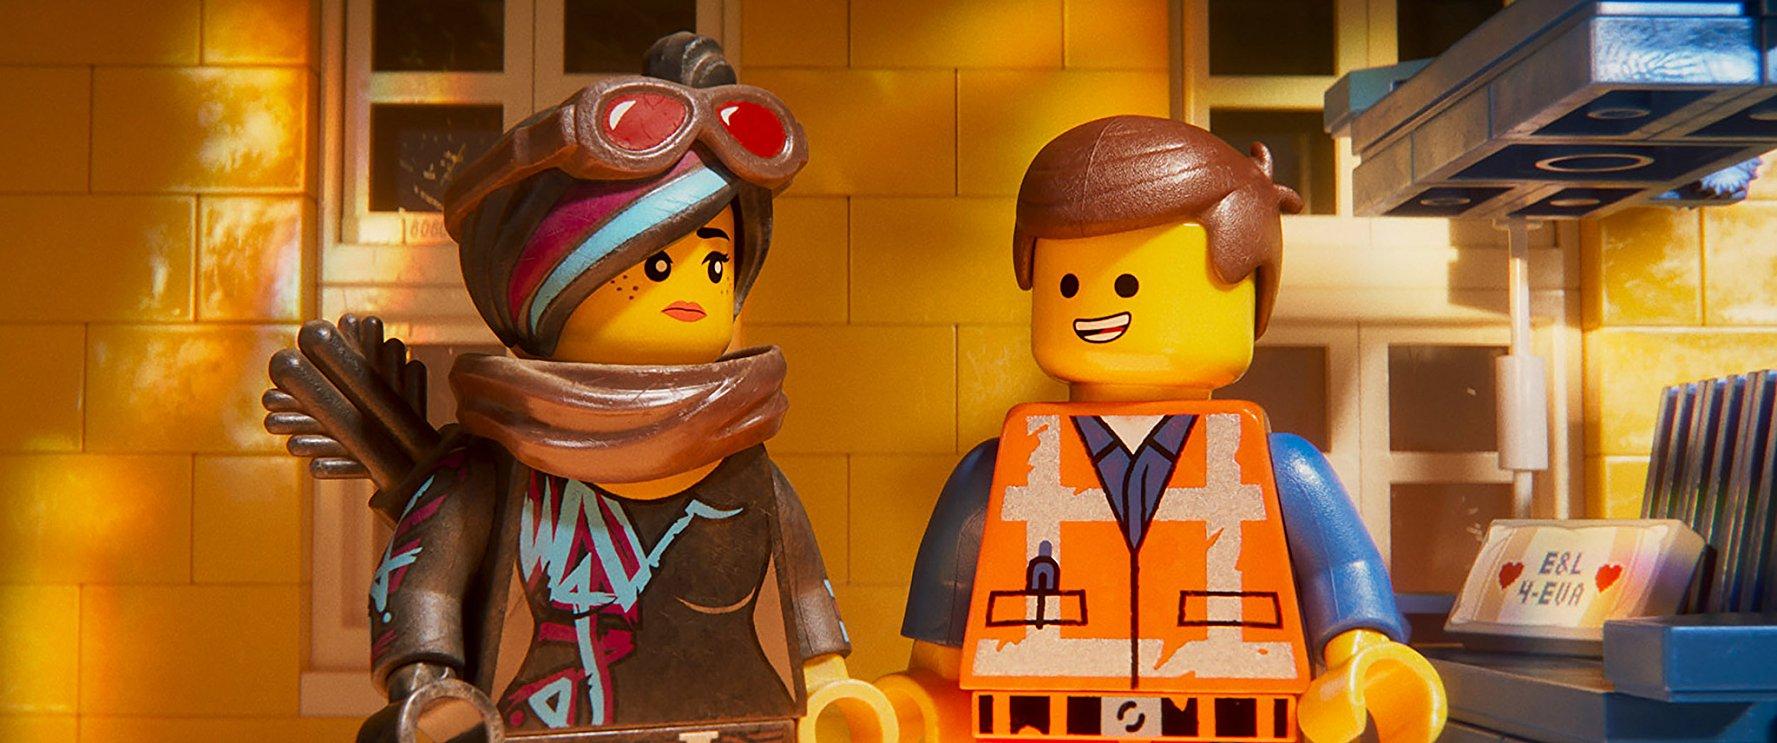 The Lego Movie 2: Una nuova avventura: Emmet con Wyldstyle in una scena